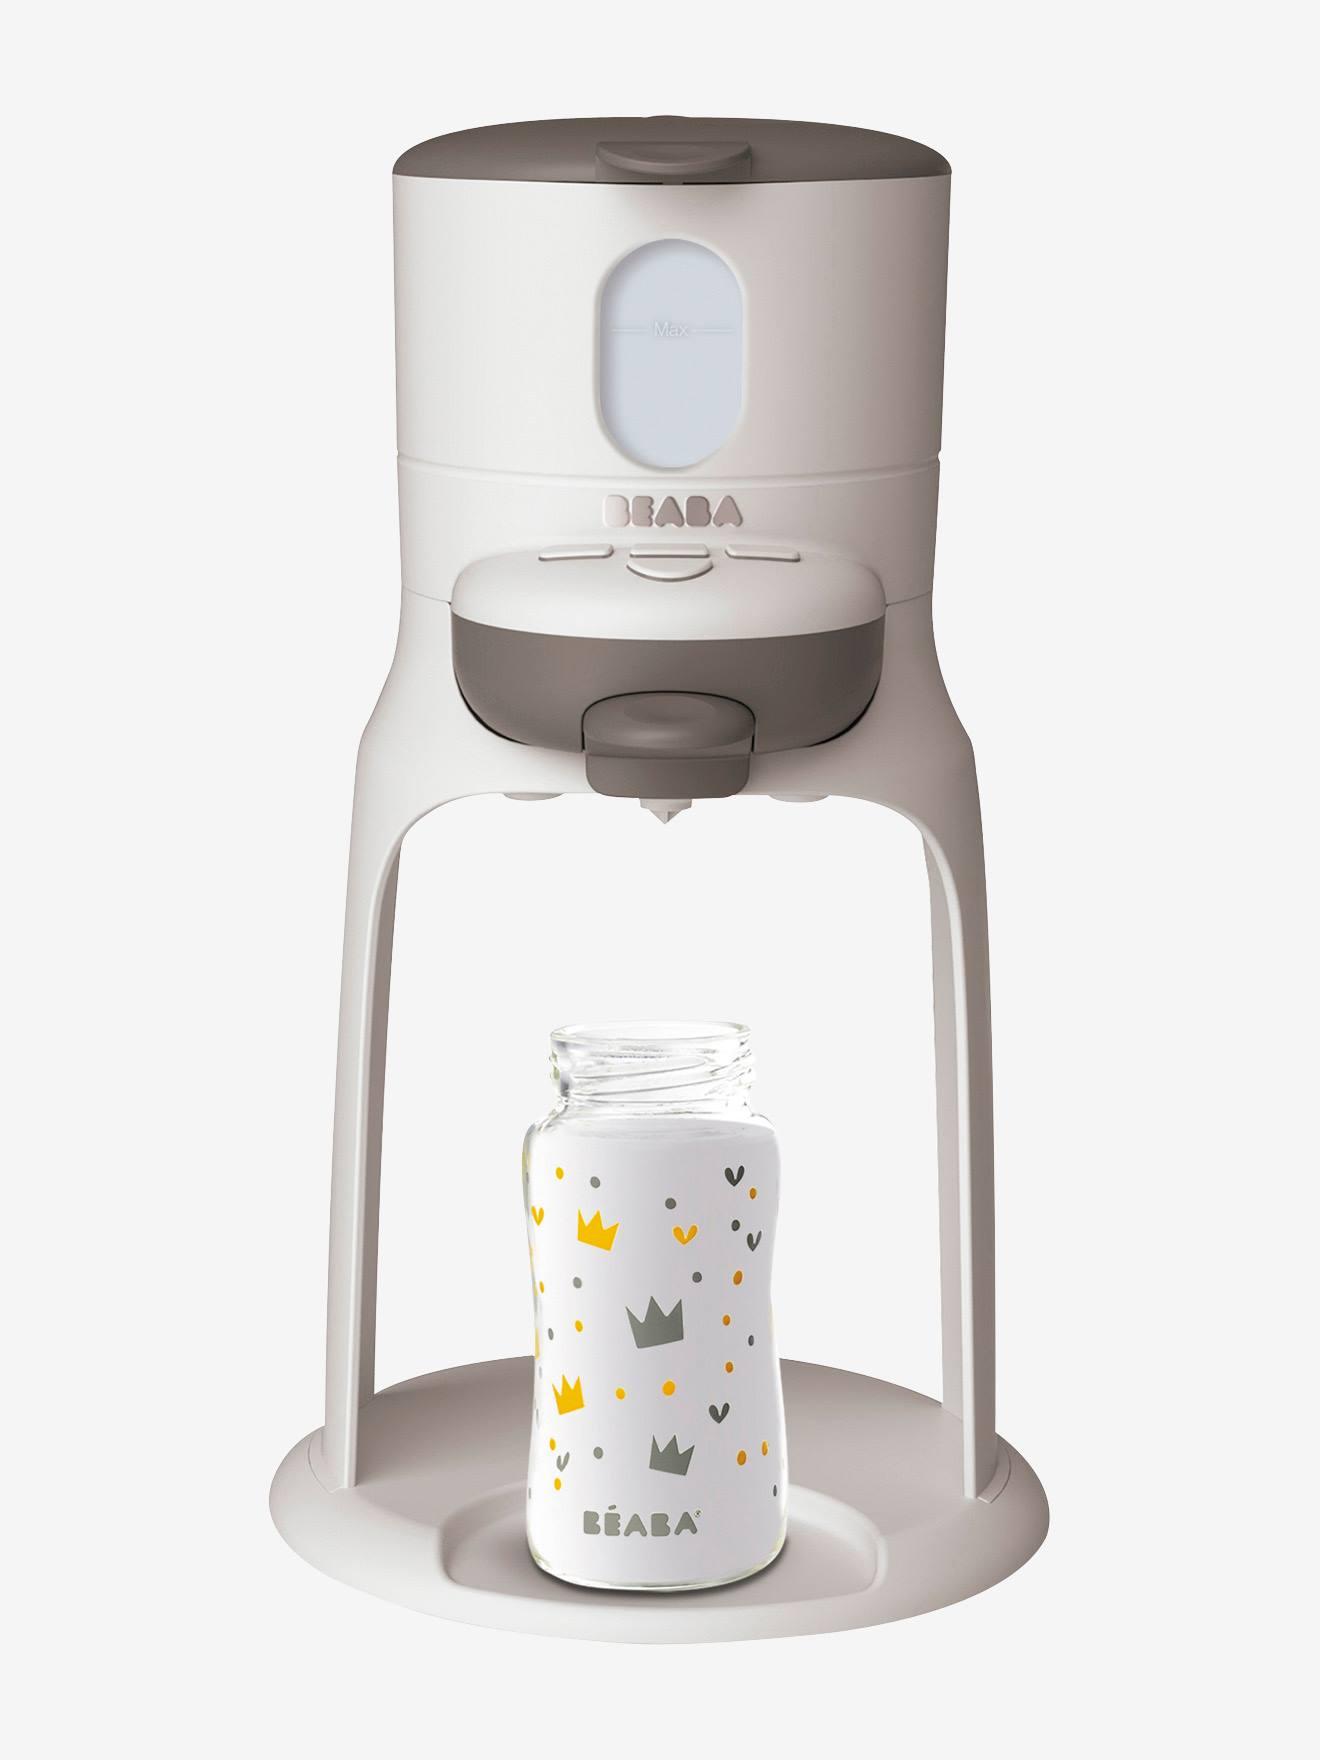 sans BPA amzdeal St/érilisateur Biberons 5 en 1 Chauffe-Biberons et S/èche-Biberons Arr/êt Automatique St/érilisateur /Électrique /à Vapeur avec LCD /Écran et Filtre HEPA jusqu/'/à 6 Biberons